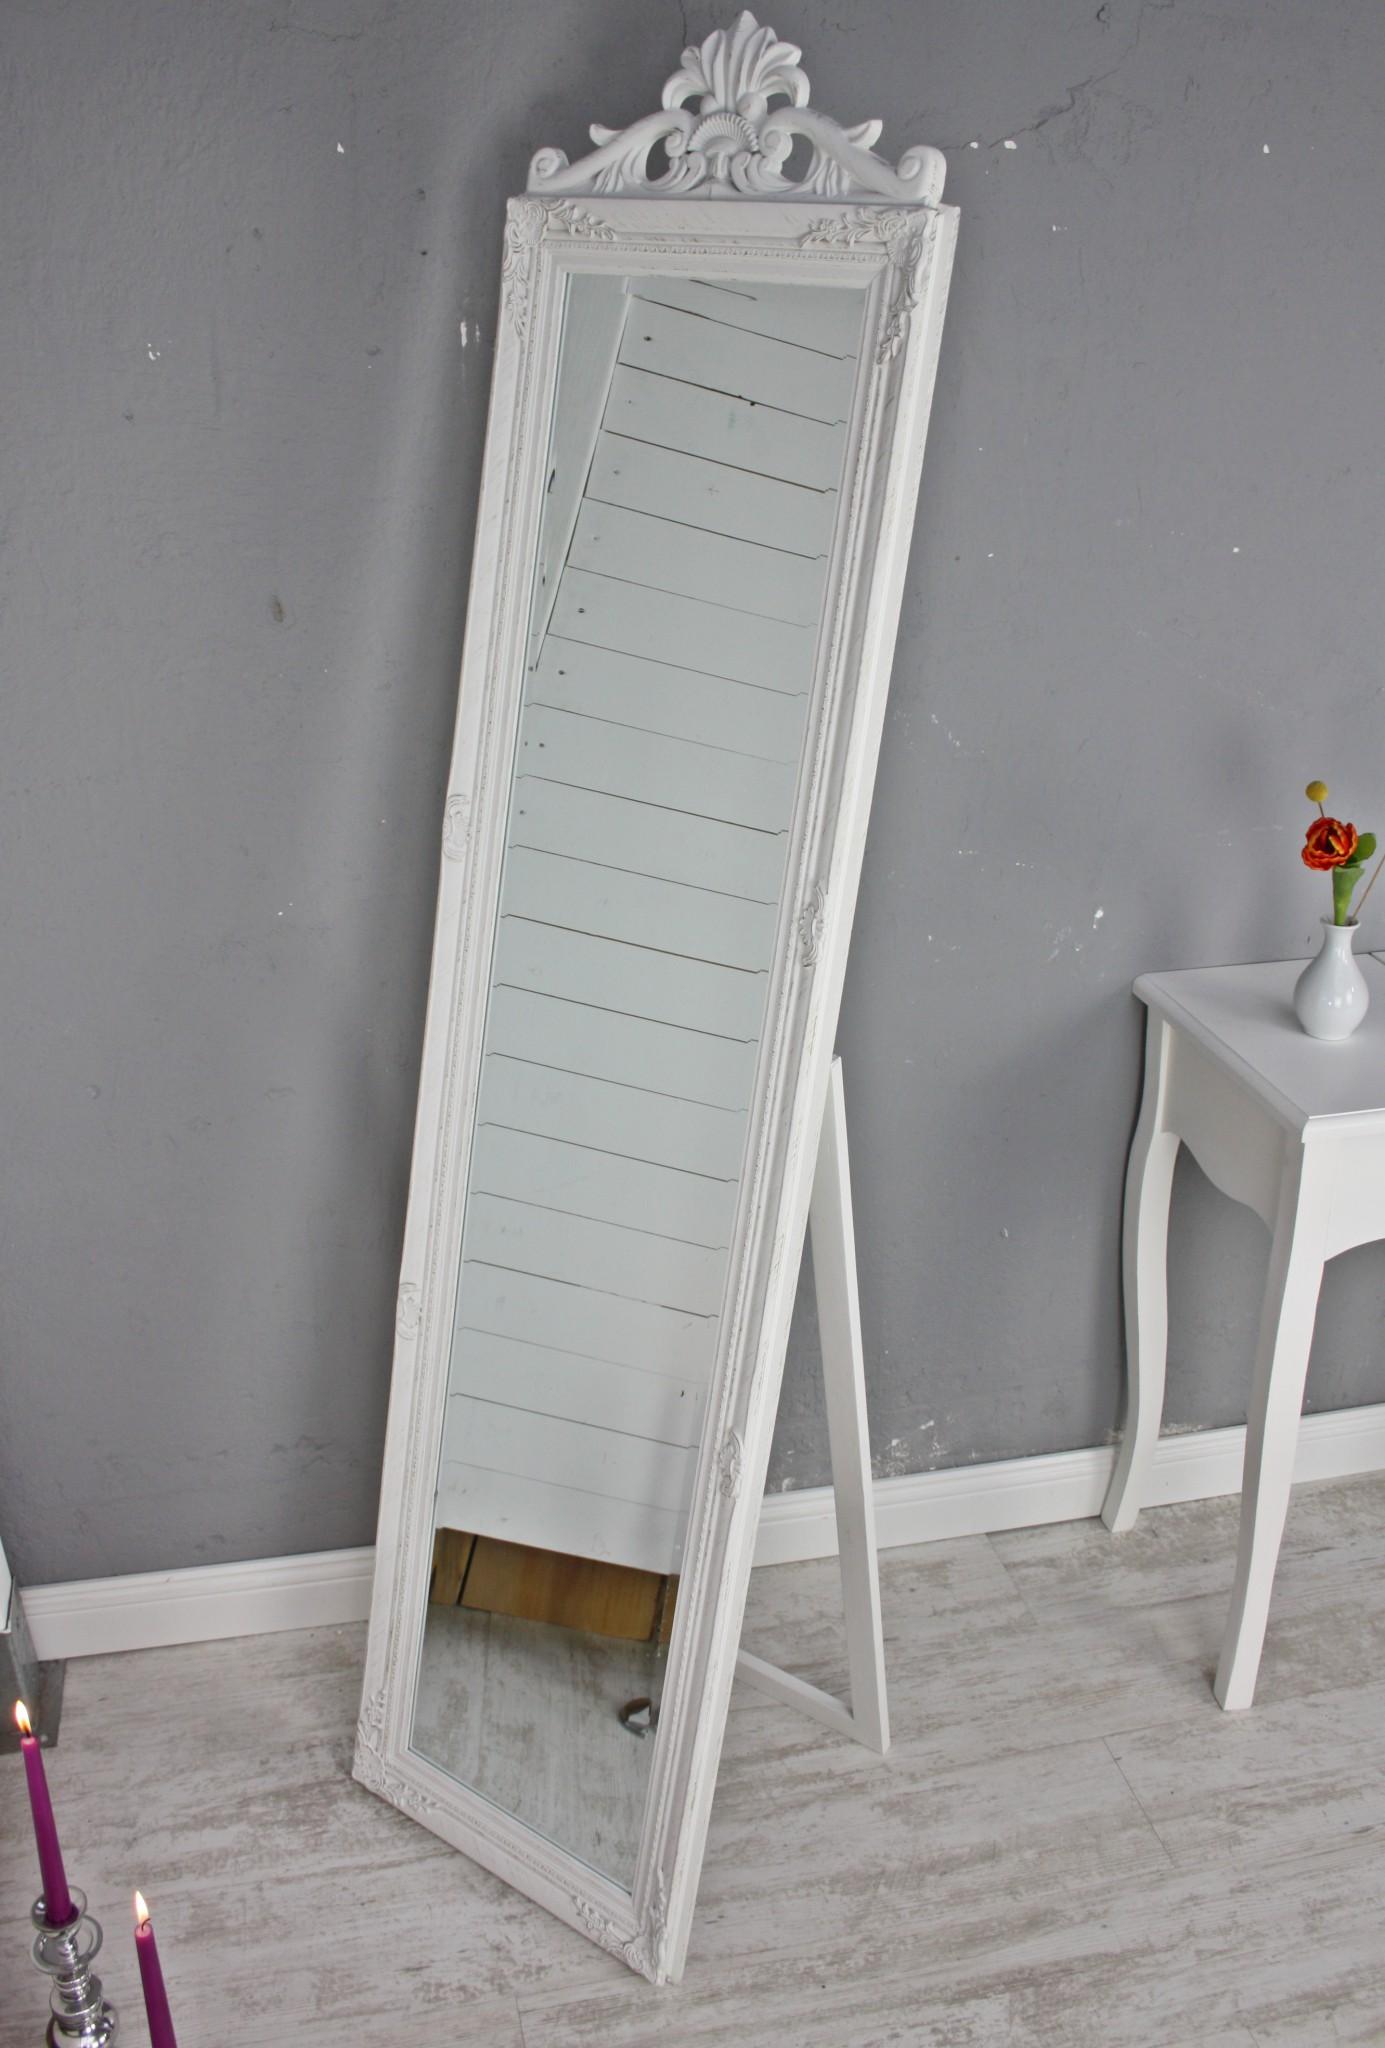 standspiegel wei antik mit krone. Black Bedroom Furniture Sets. Home Design Ideas